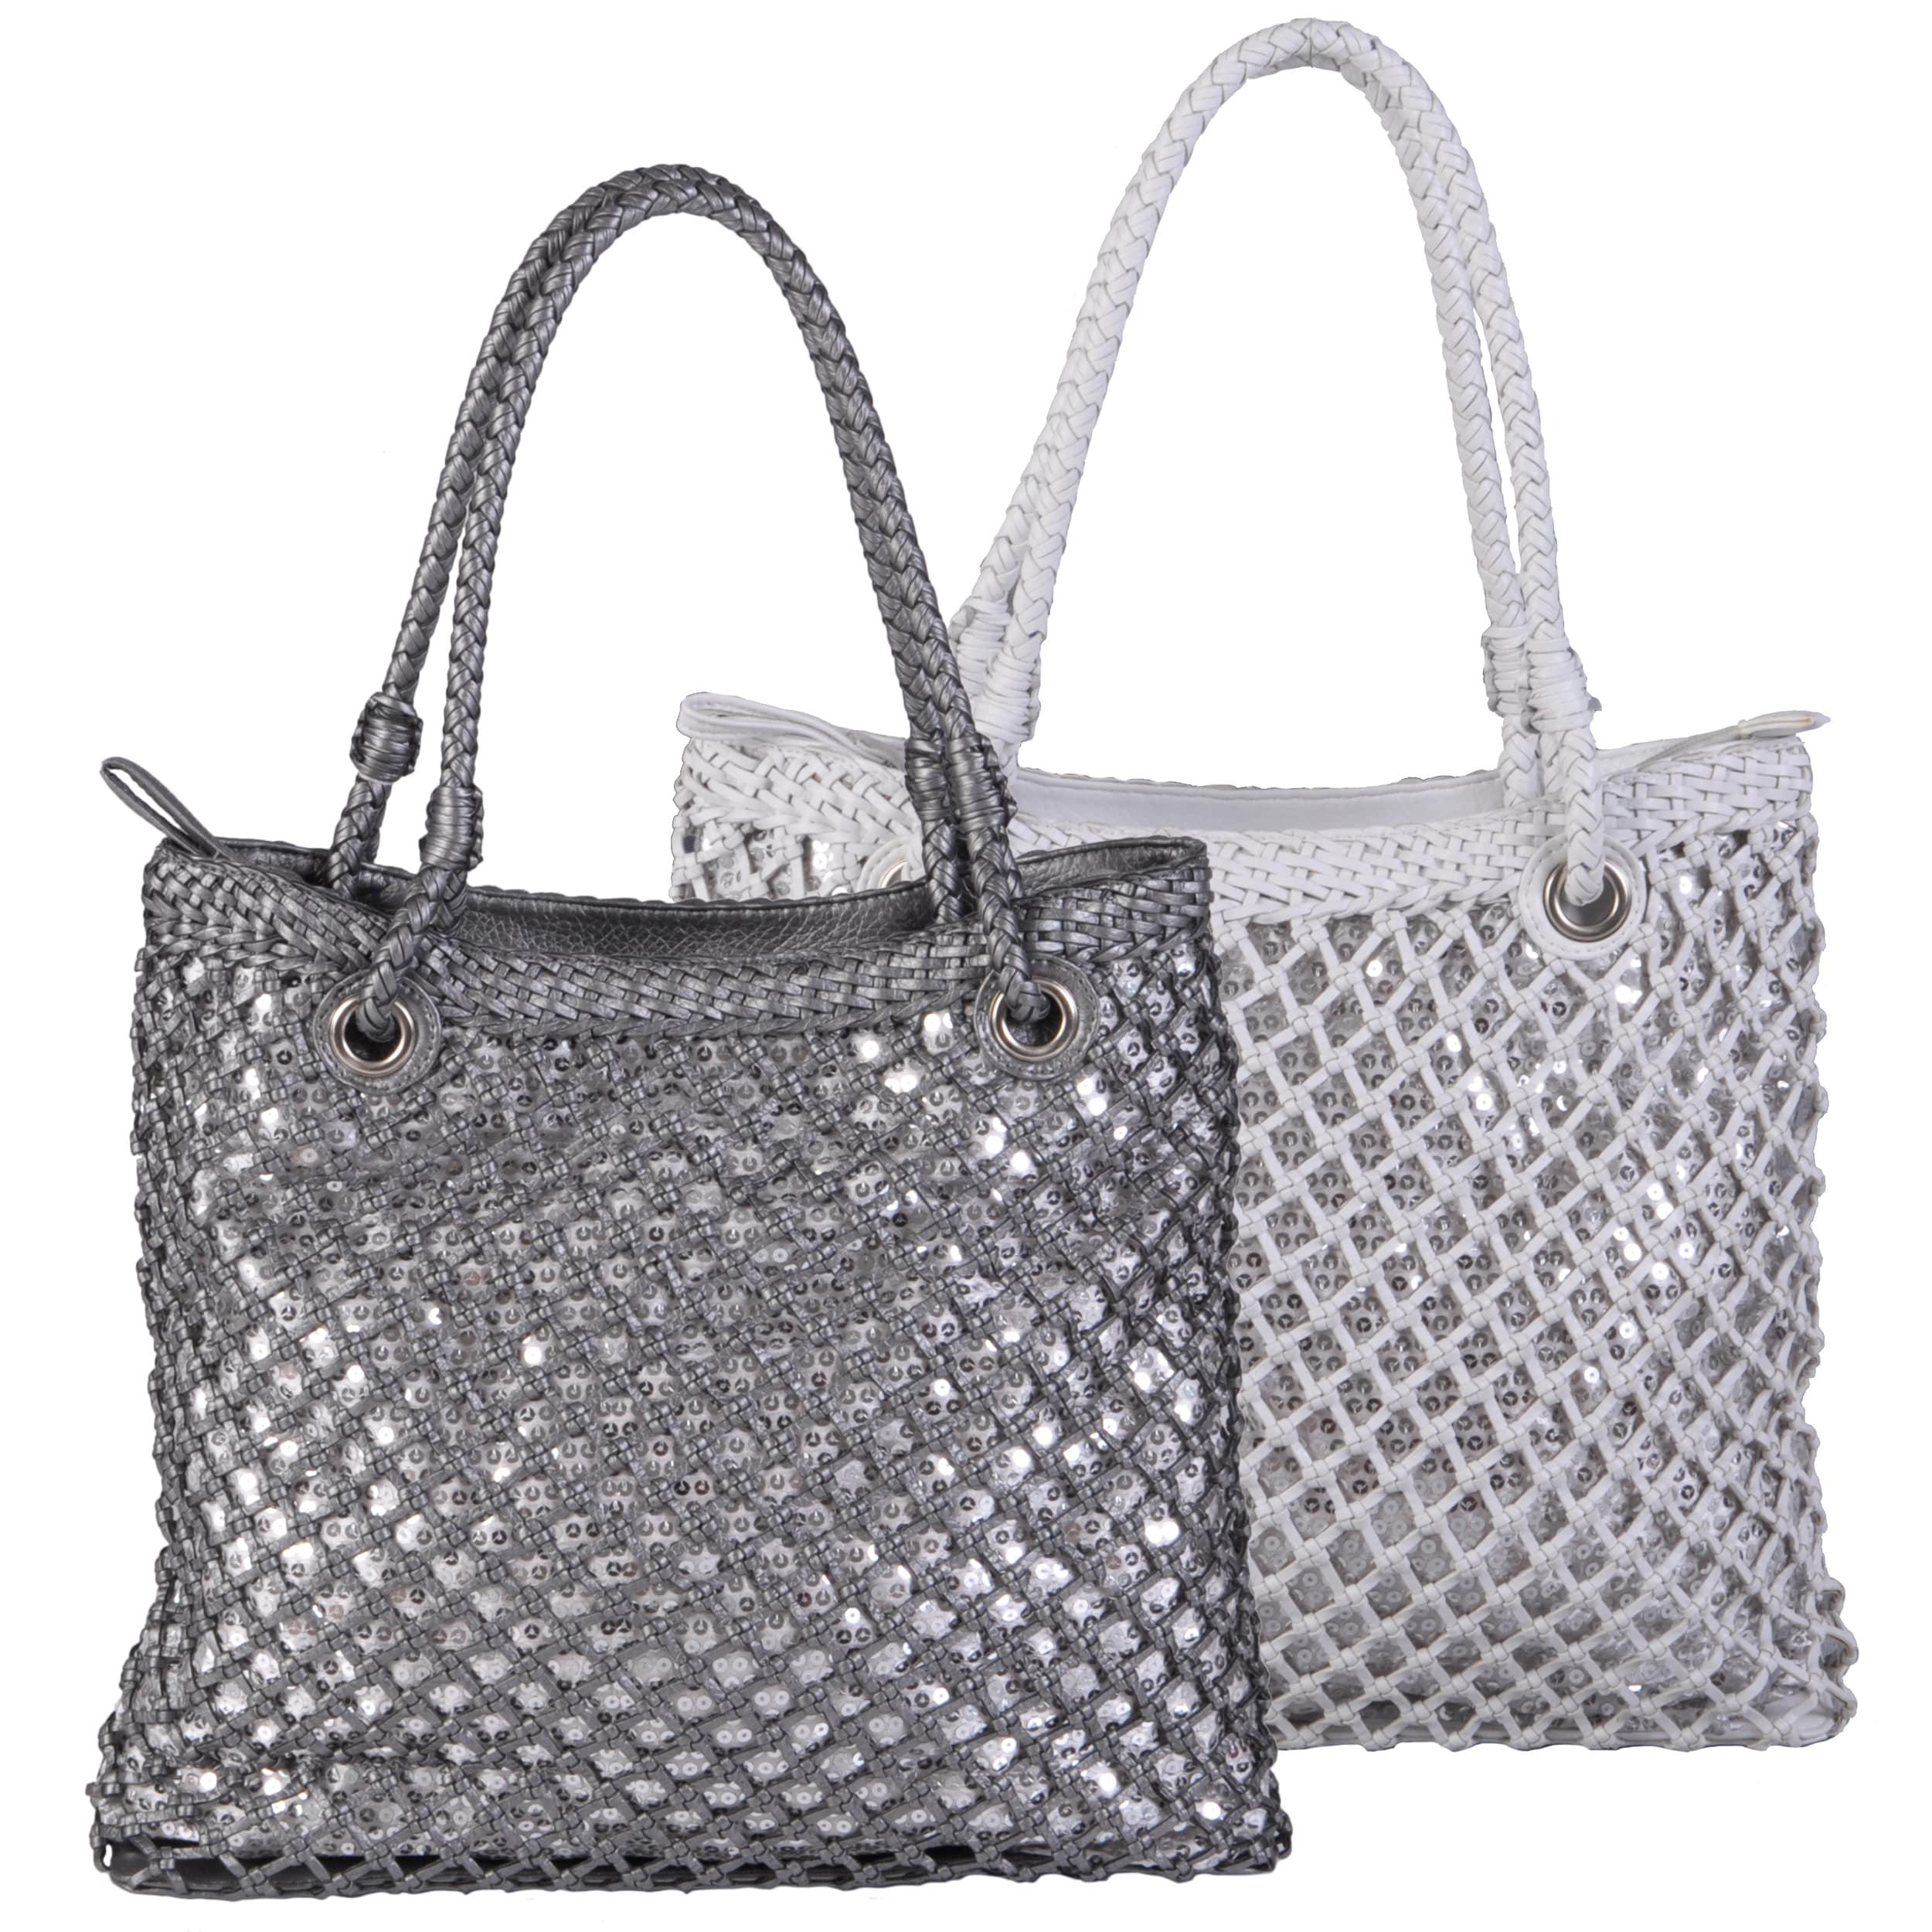 Journee Collection Women's Basket Weave Sequined Zipper Top Bag